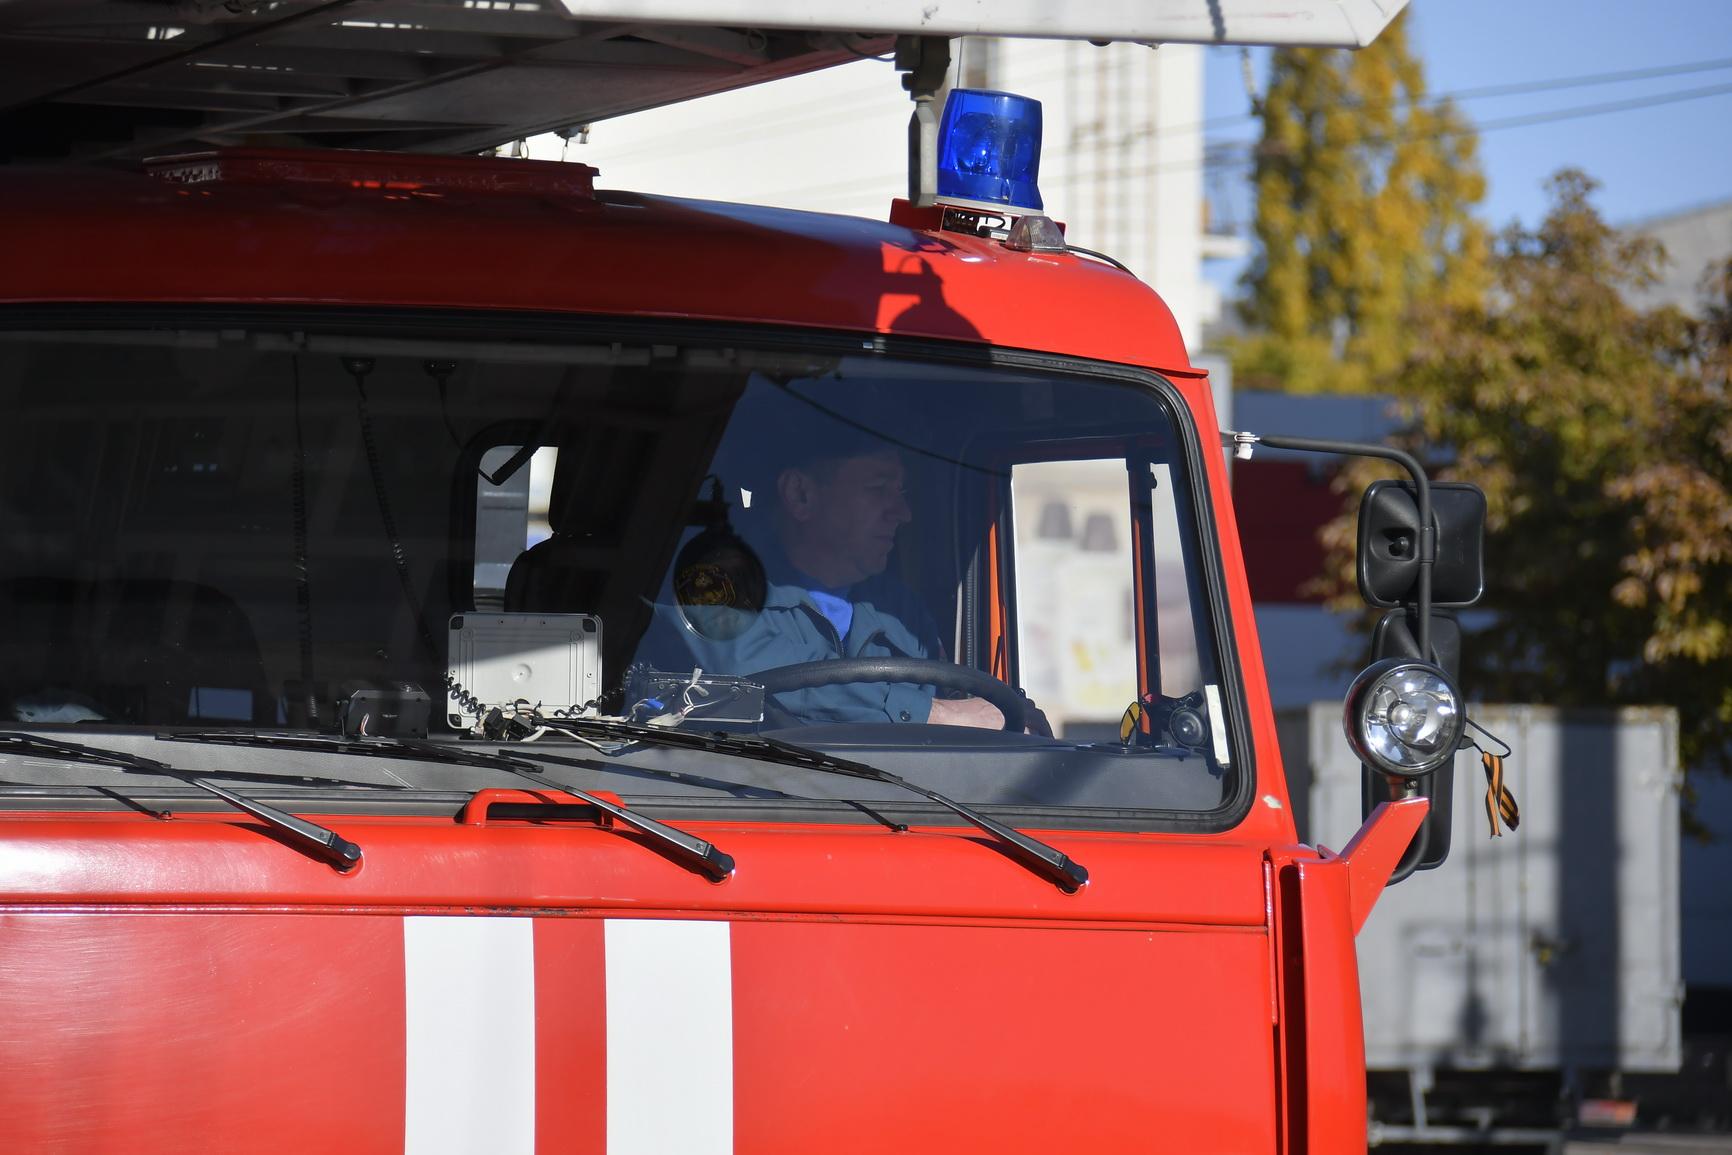 В Новороссийске пожар в квартире вынудил хозяина в полуголом виде забраться на уличный блок кондиционера